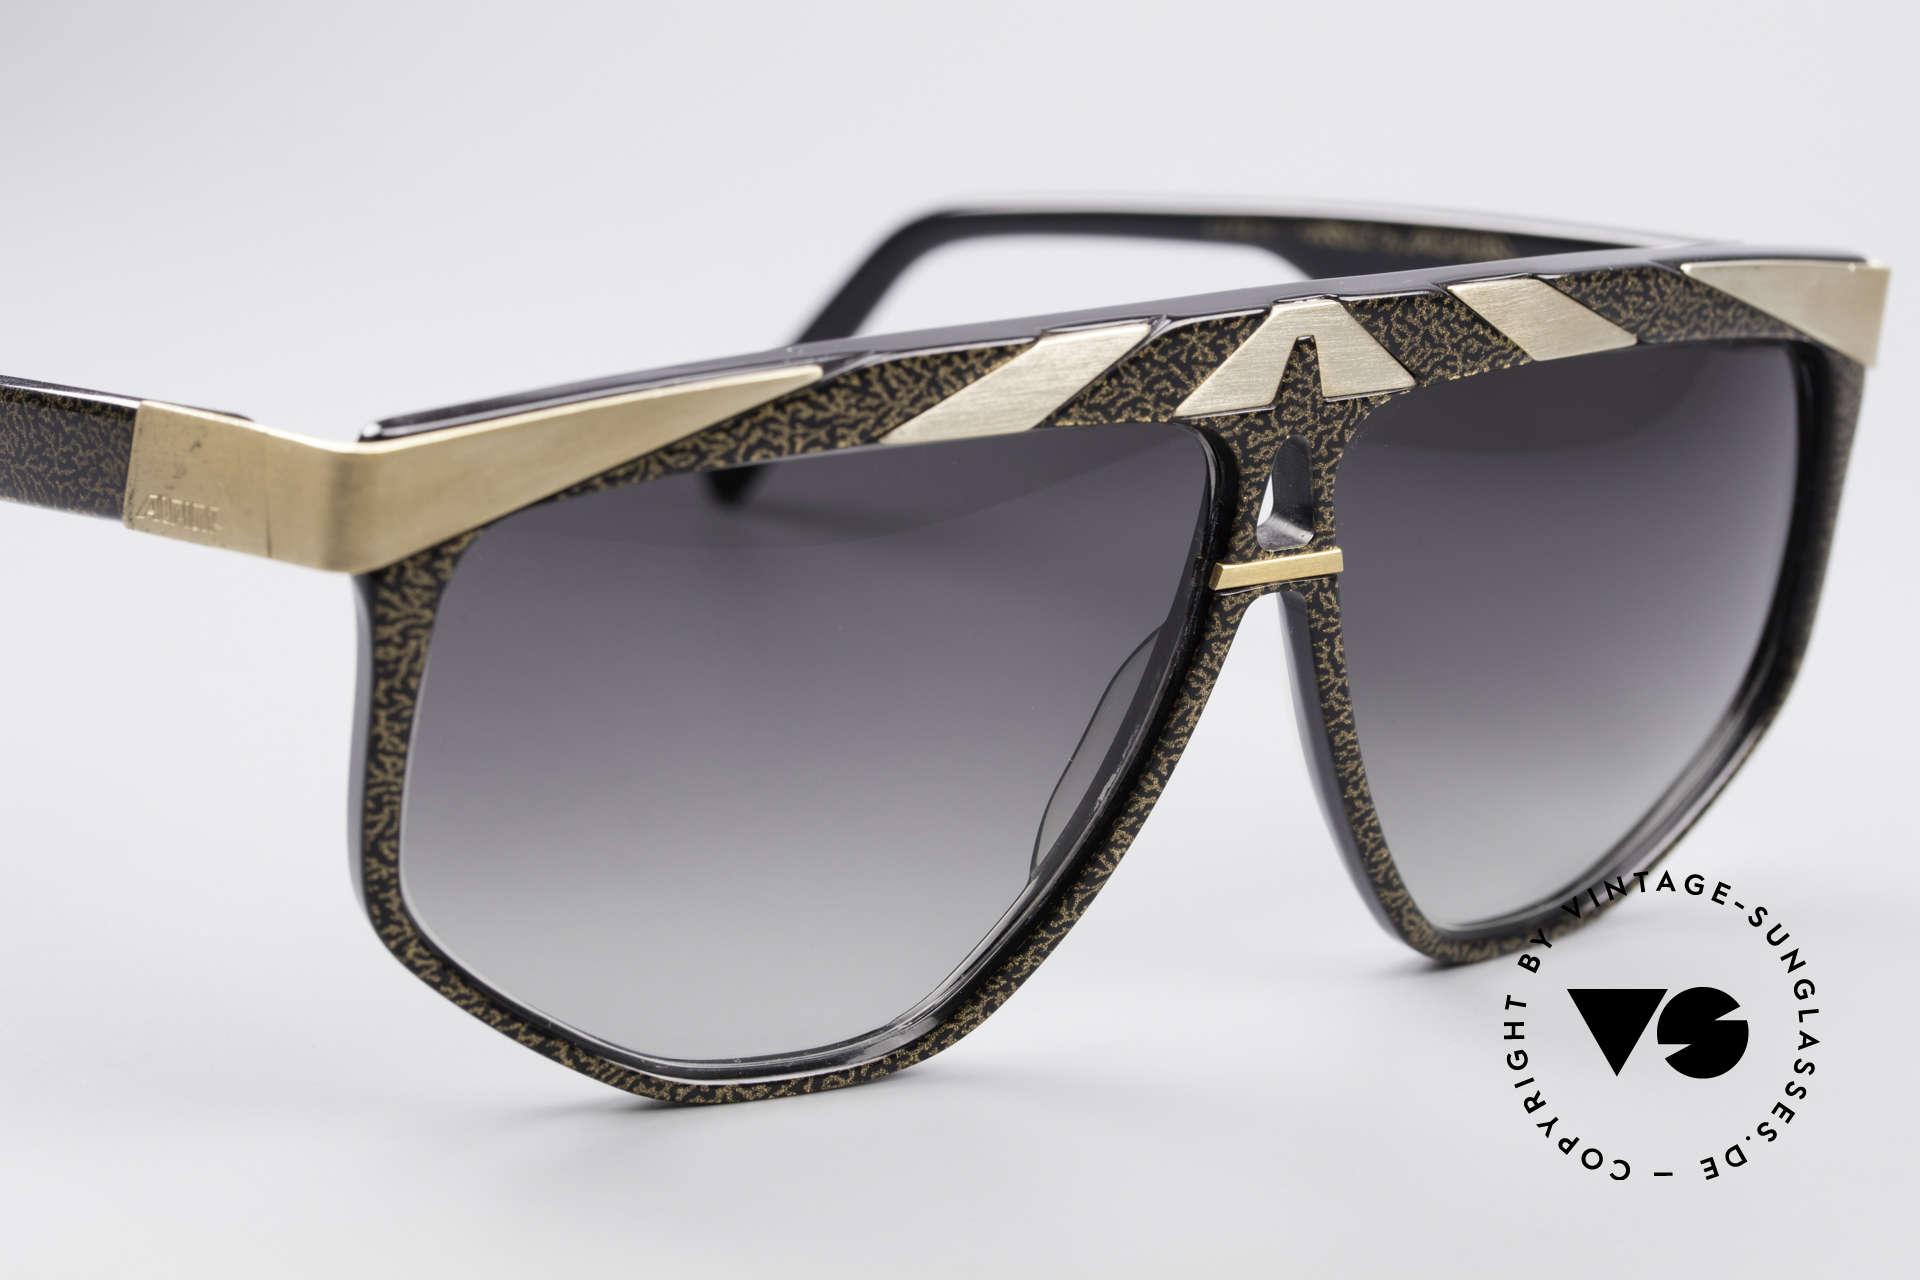 Alpina G82 Vergoldete 80er Sonnenbrille, ungetragen (wie alle unsere vintage ALPINA Brillen), Passend für Herren und Damen